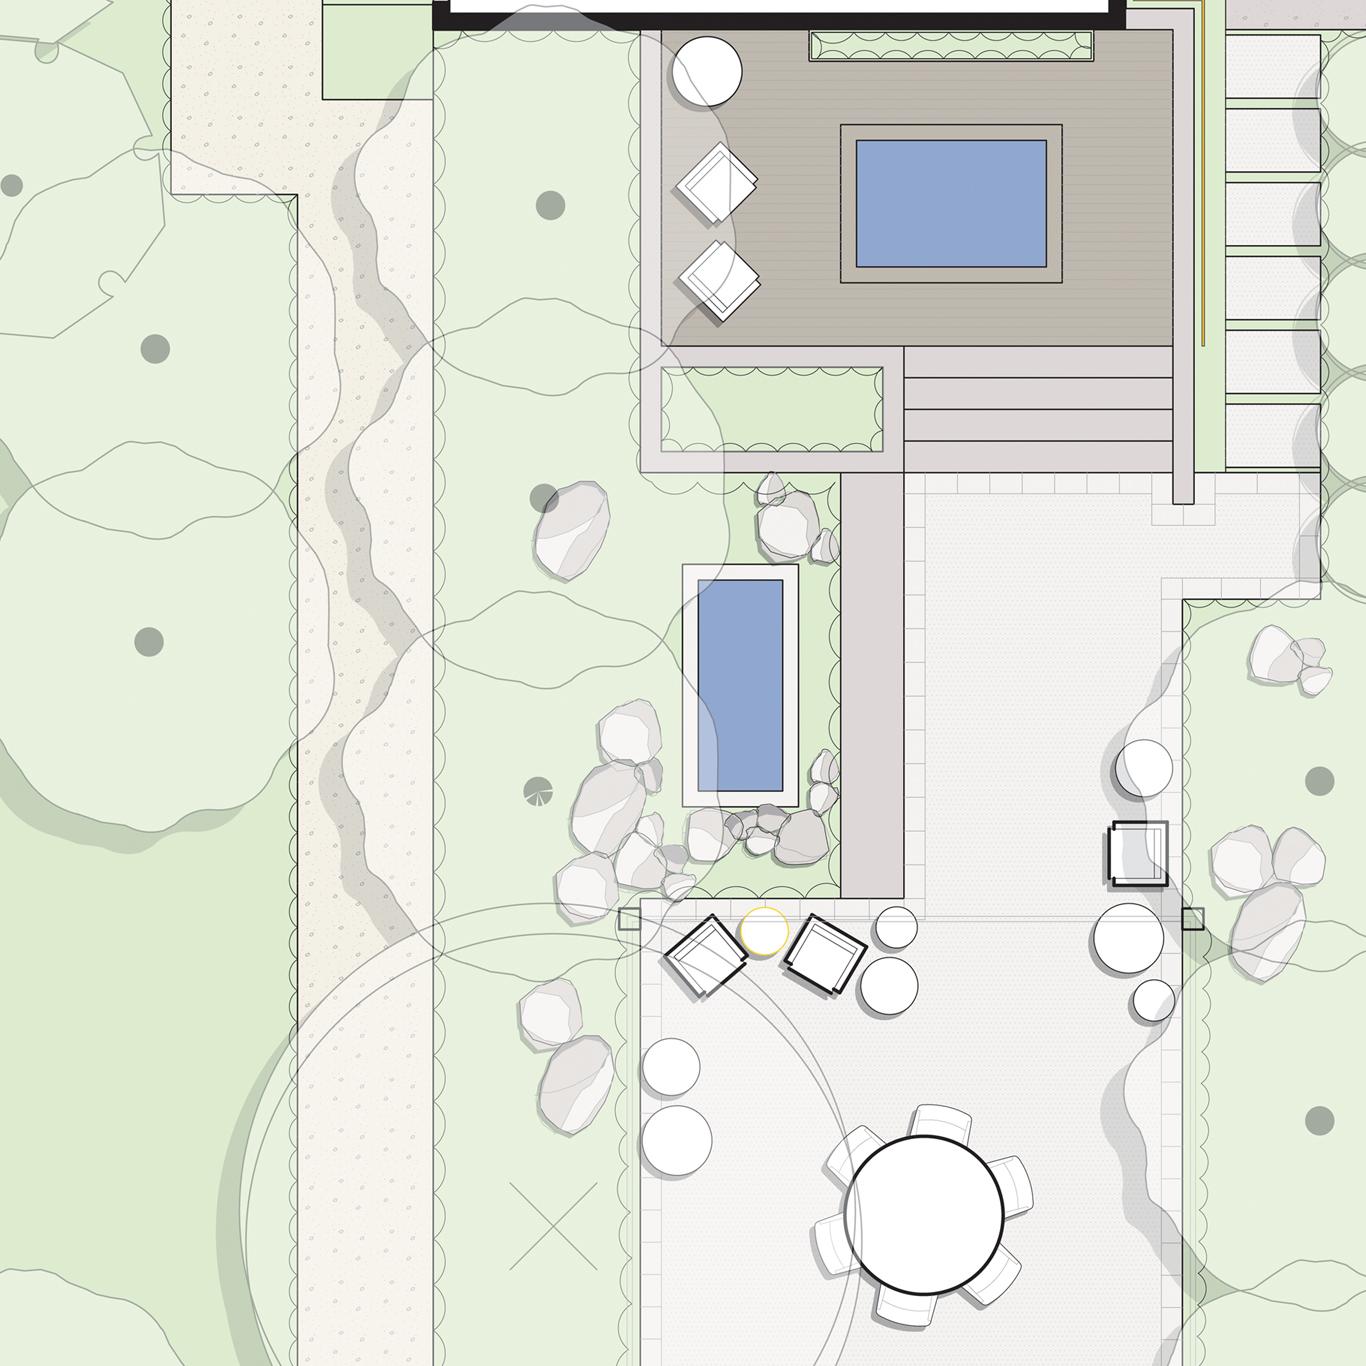 WC_enlargement.jpg